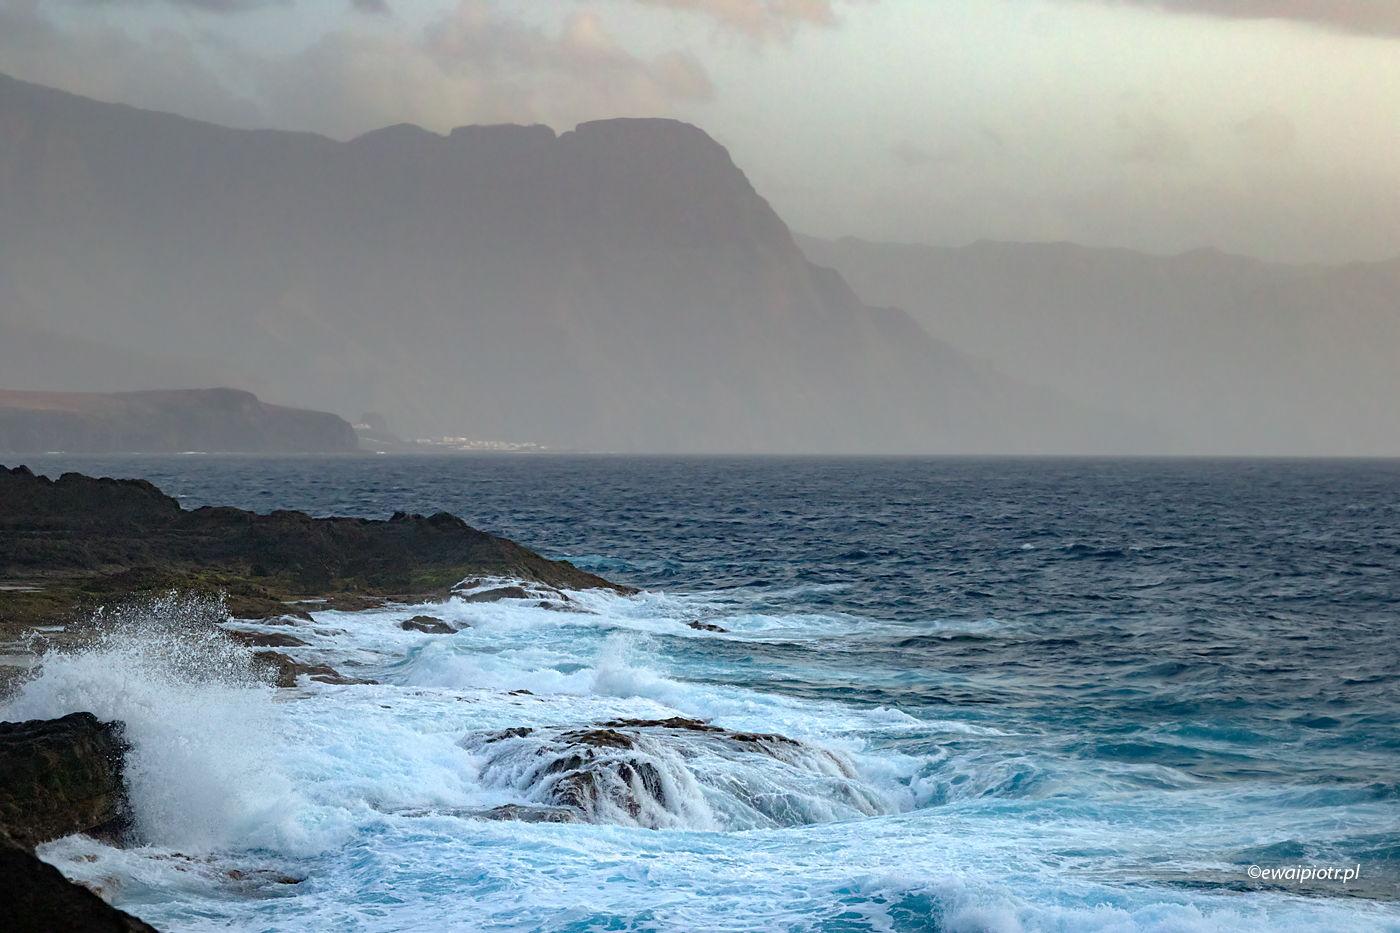 Sztormowa pogoda, Gran Canaria, Wyspy Kanaryjskie